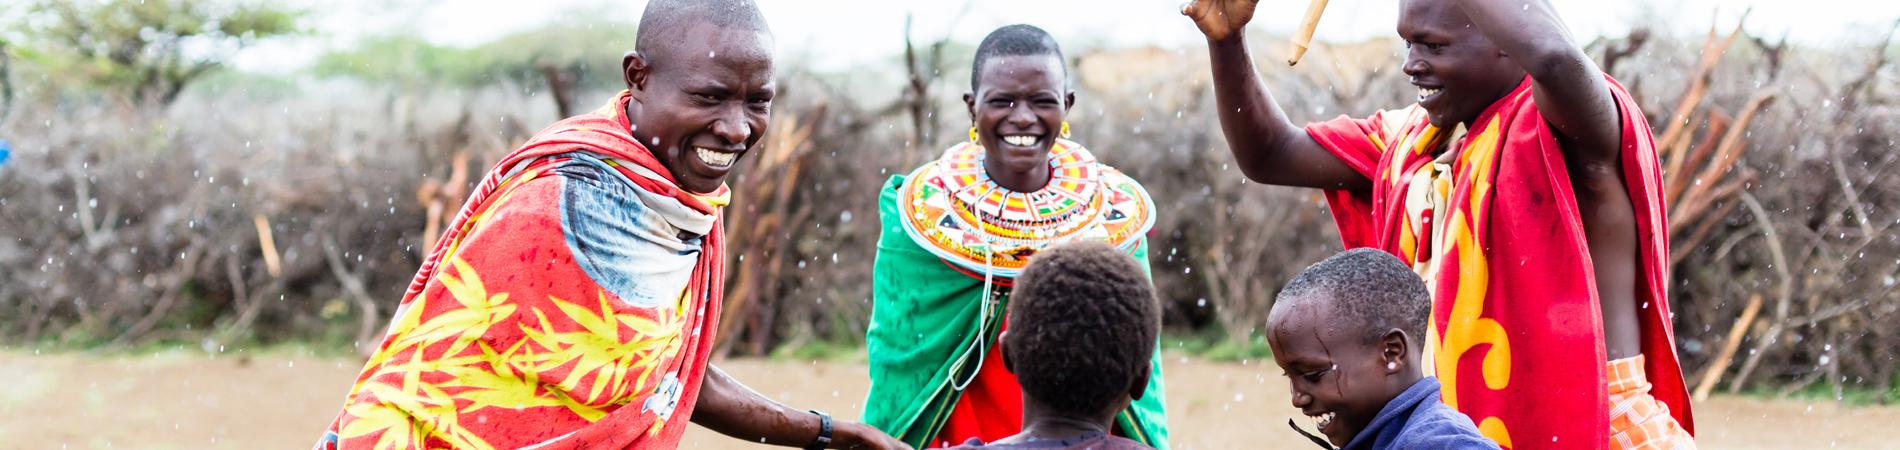 shutterstock ken masai header